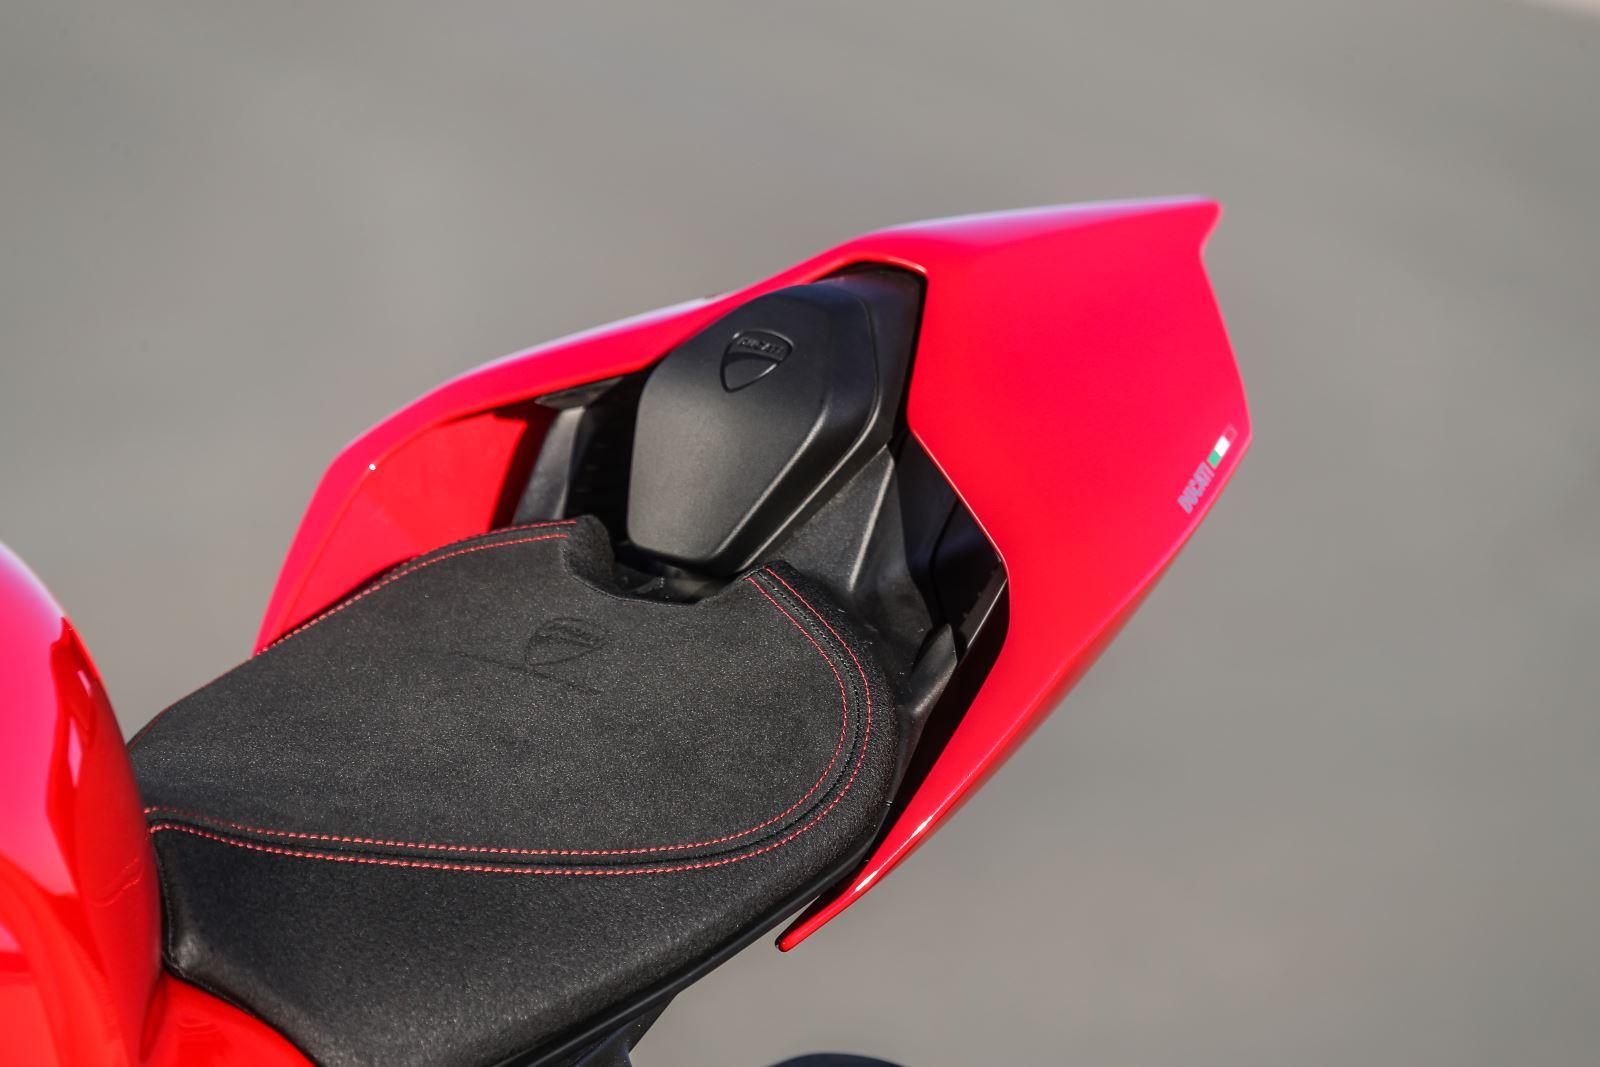 Ducati Panigale V4: Gerçekten Efsanesi Kadar İyi Mi? 6. İçerik Fotoğrafı